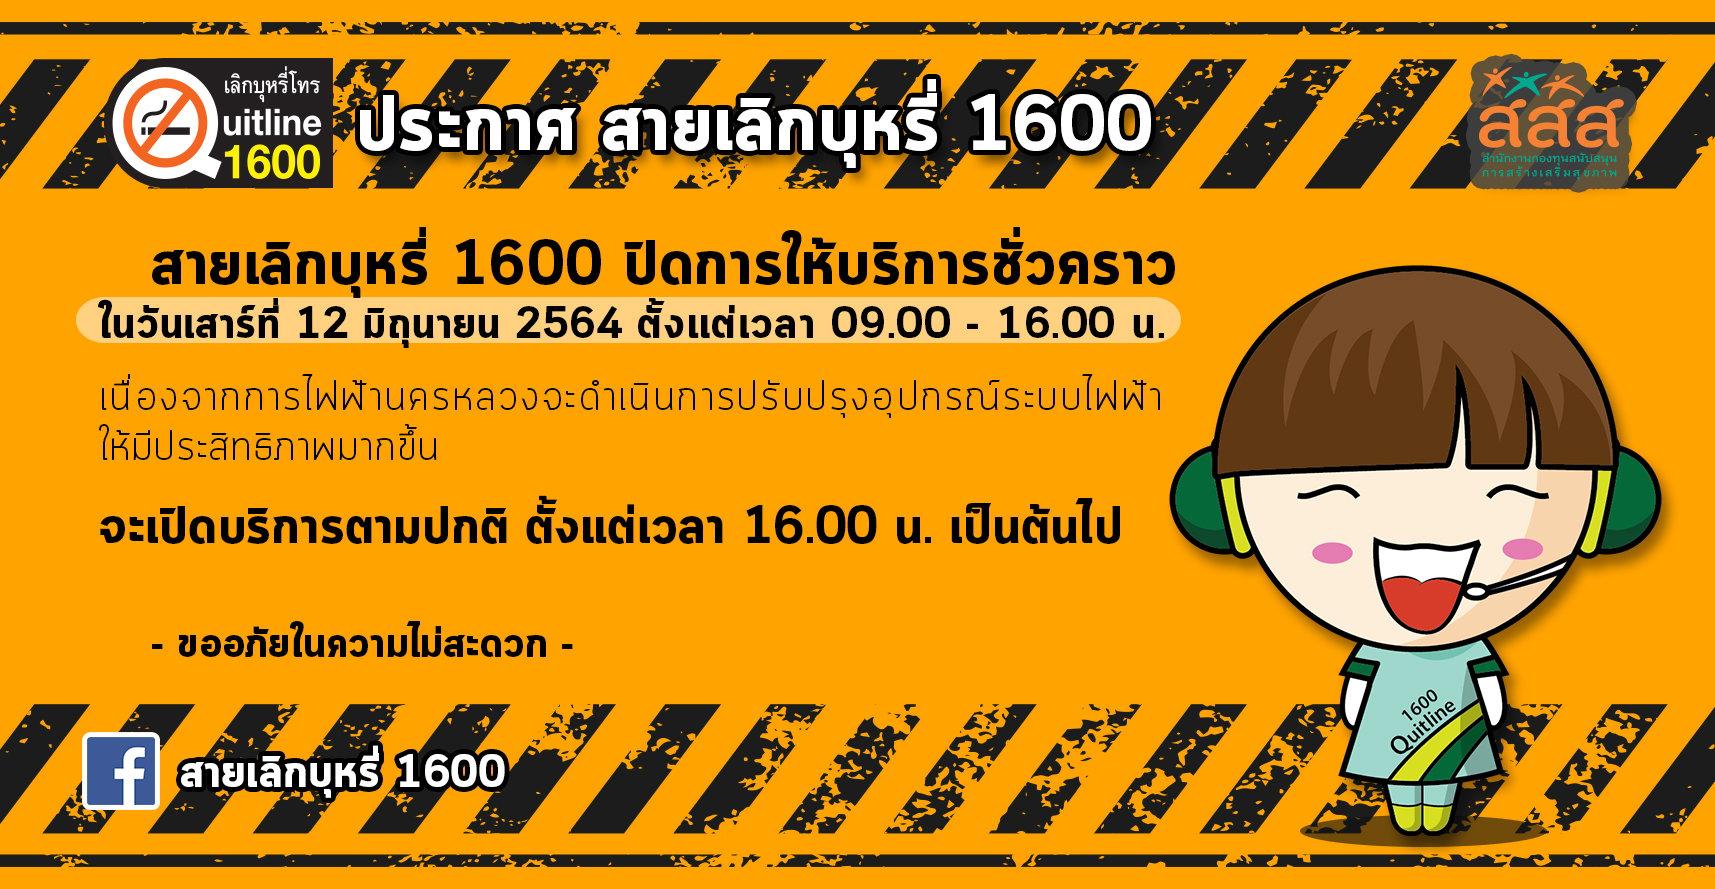 ประกาศ 1600 สายเลิกบุหรี่ thaihealth